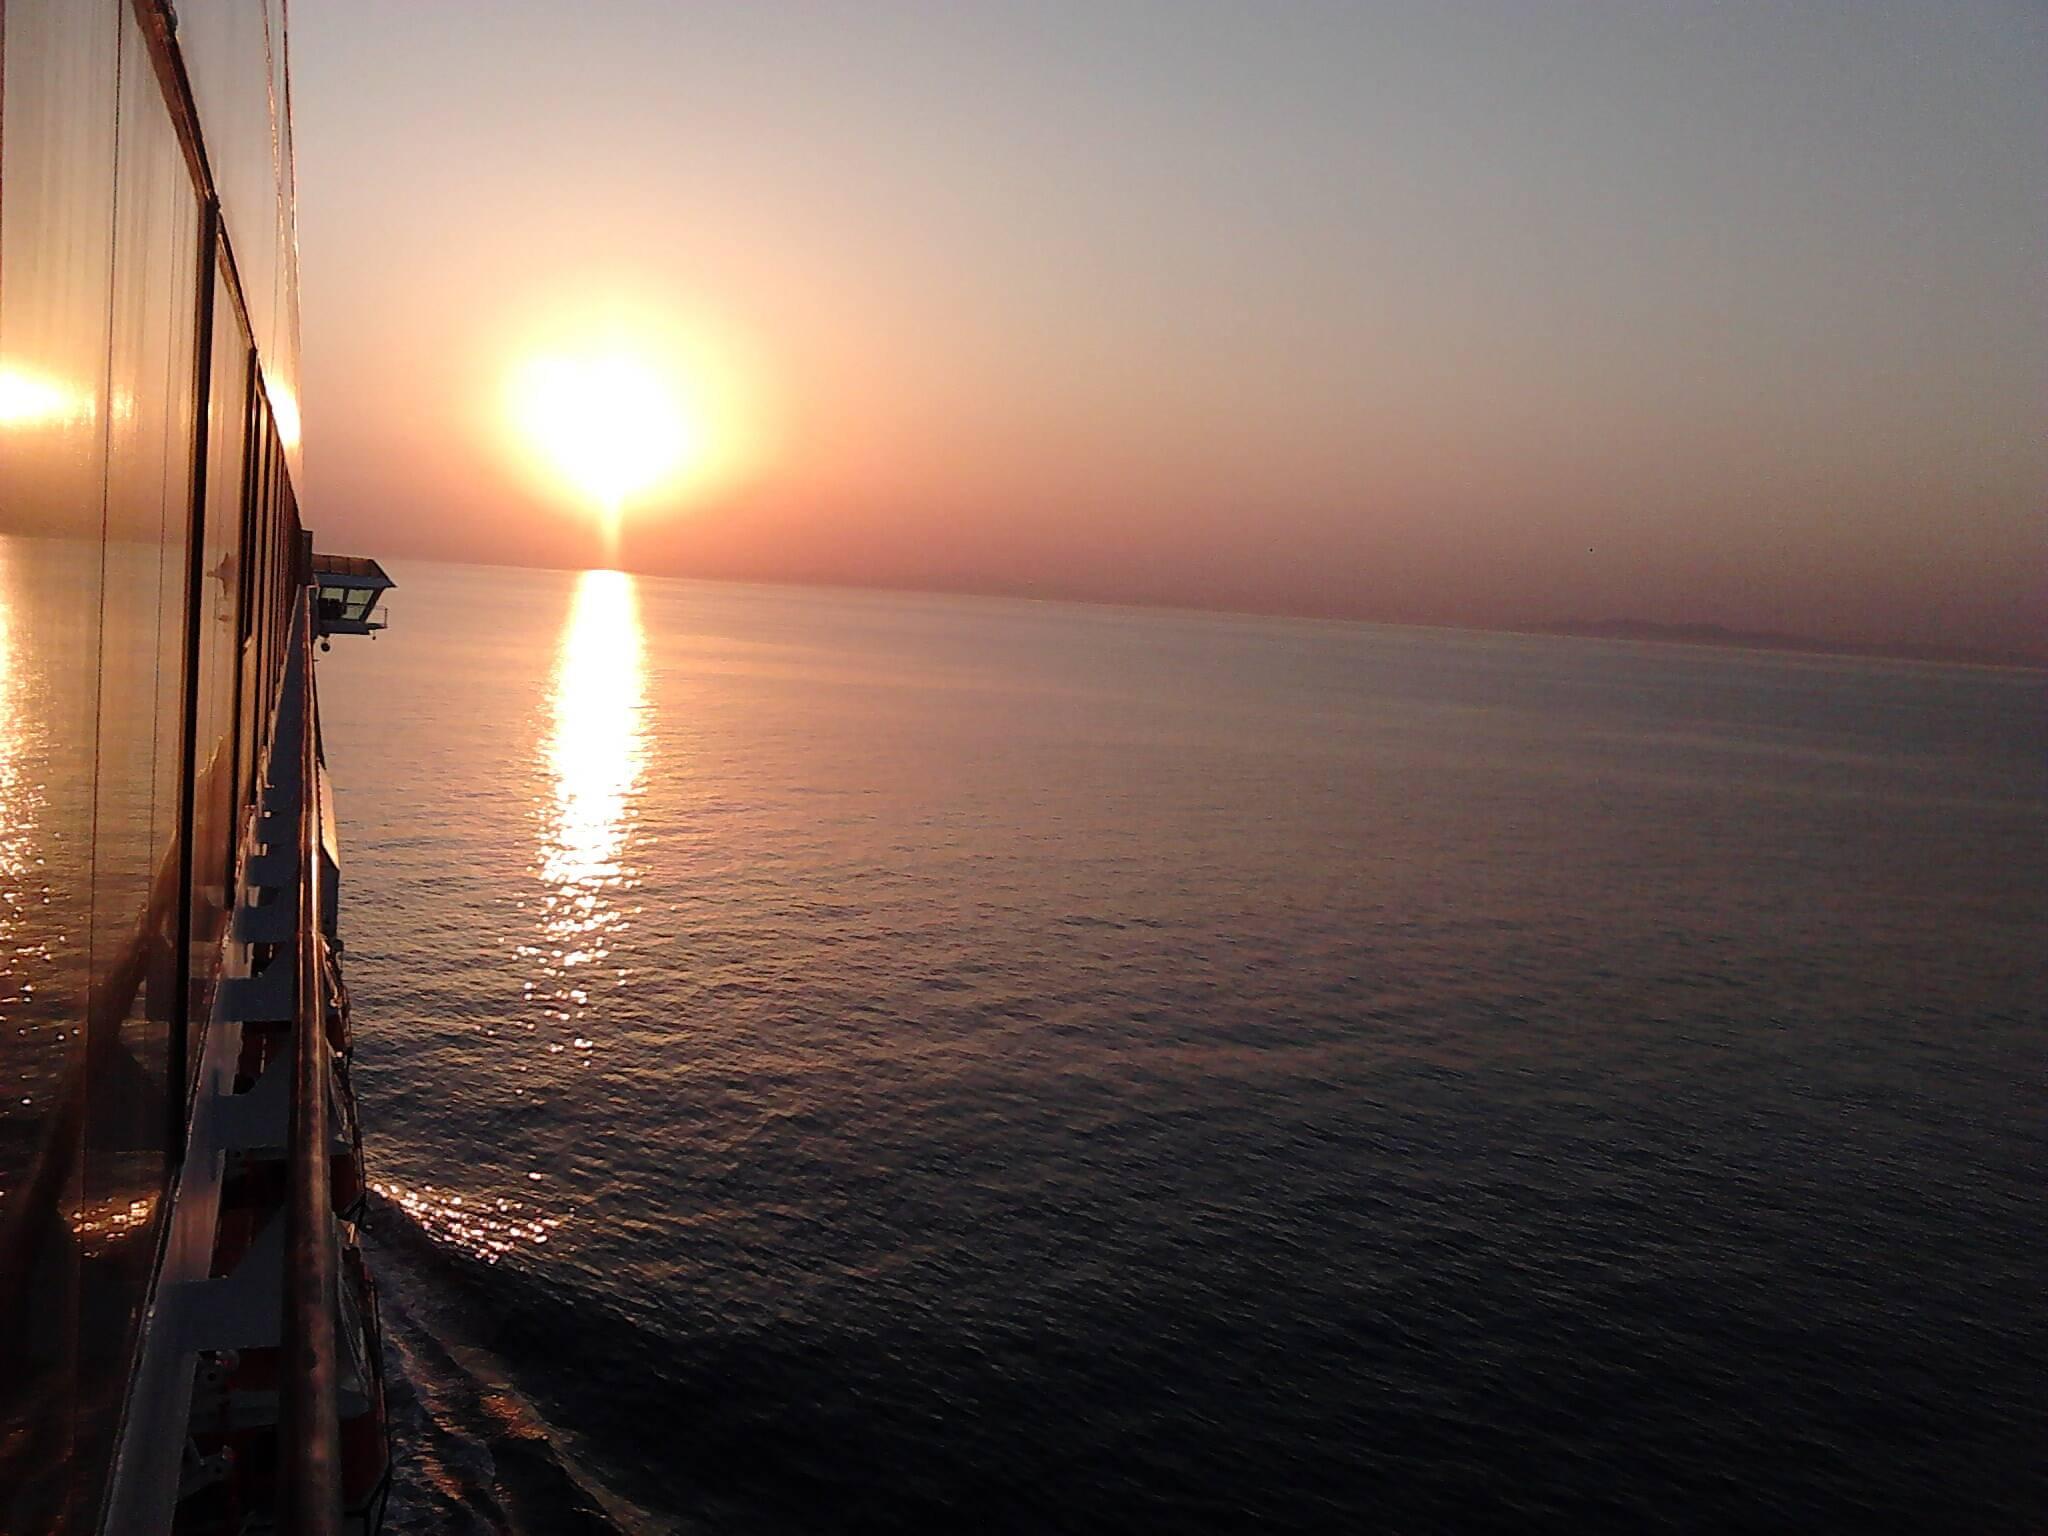 Mar negro a caminho de Istambul, na Turquia - trabalhar em navio de cruzeiros     black-sea-turkey-europe-ship-cruise-crew-cruising